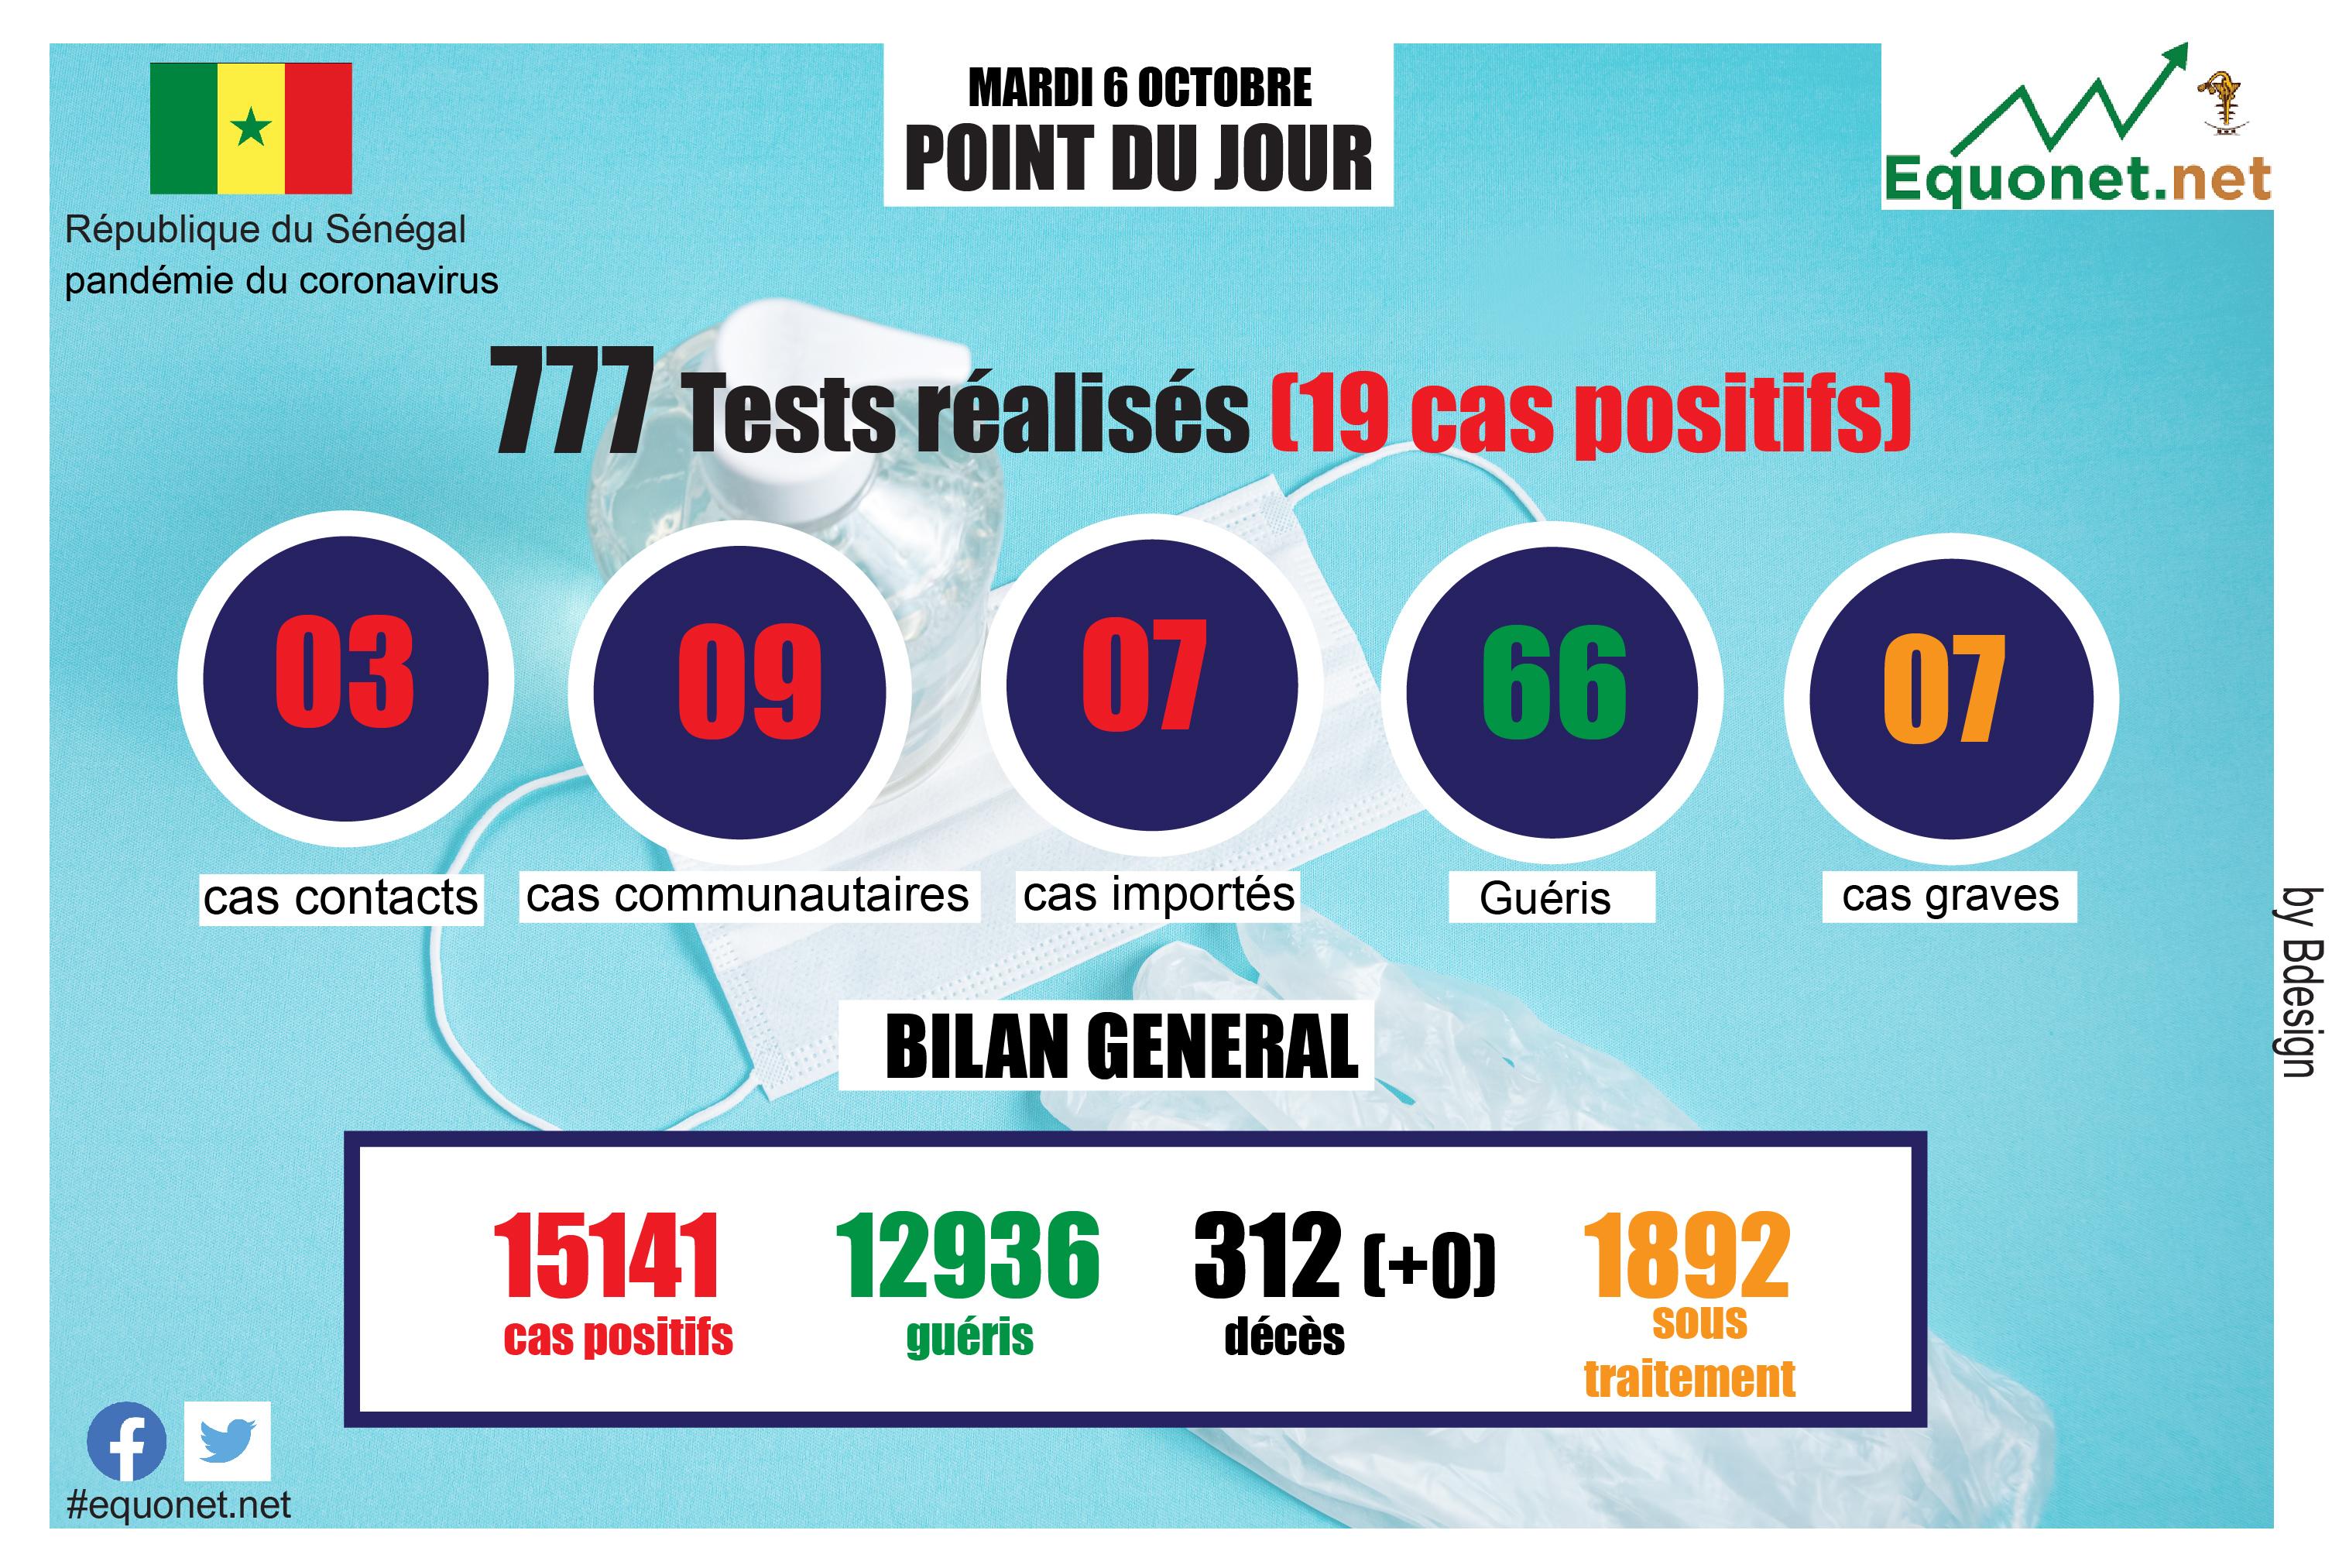 pandémie du coronavirus-covid-19 au sénégal : point de situation du mardi 6 octobre 2020